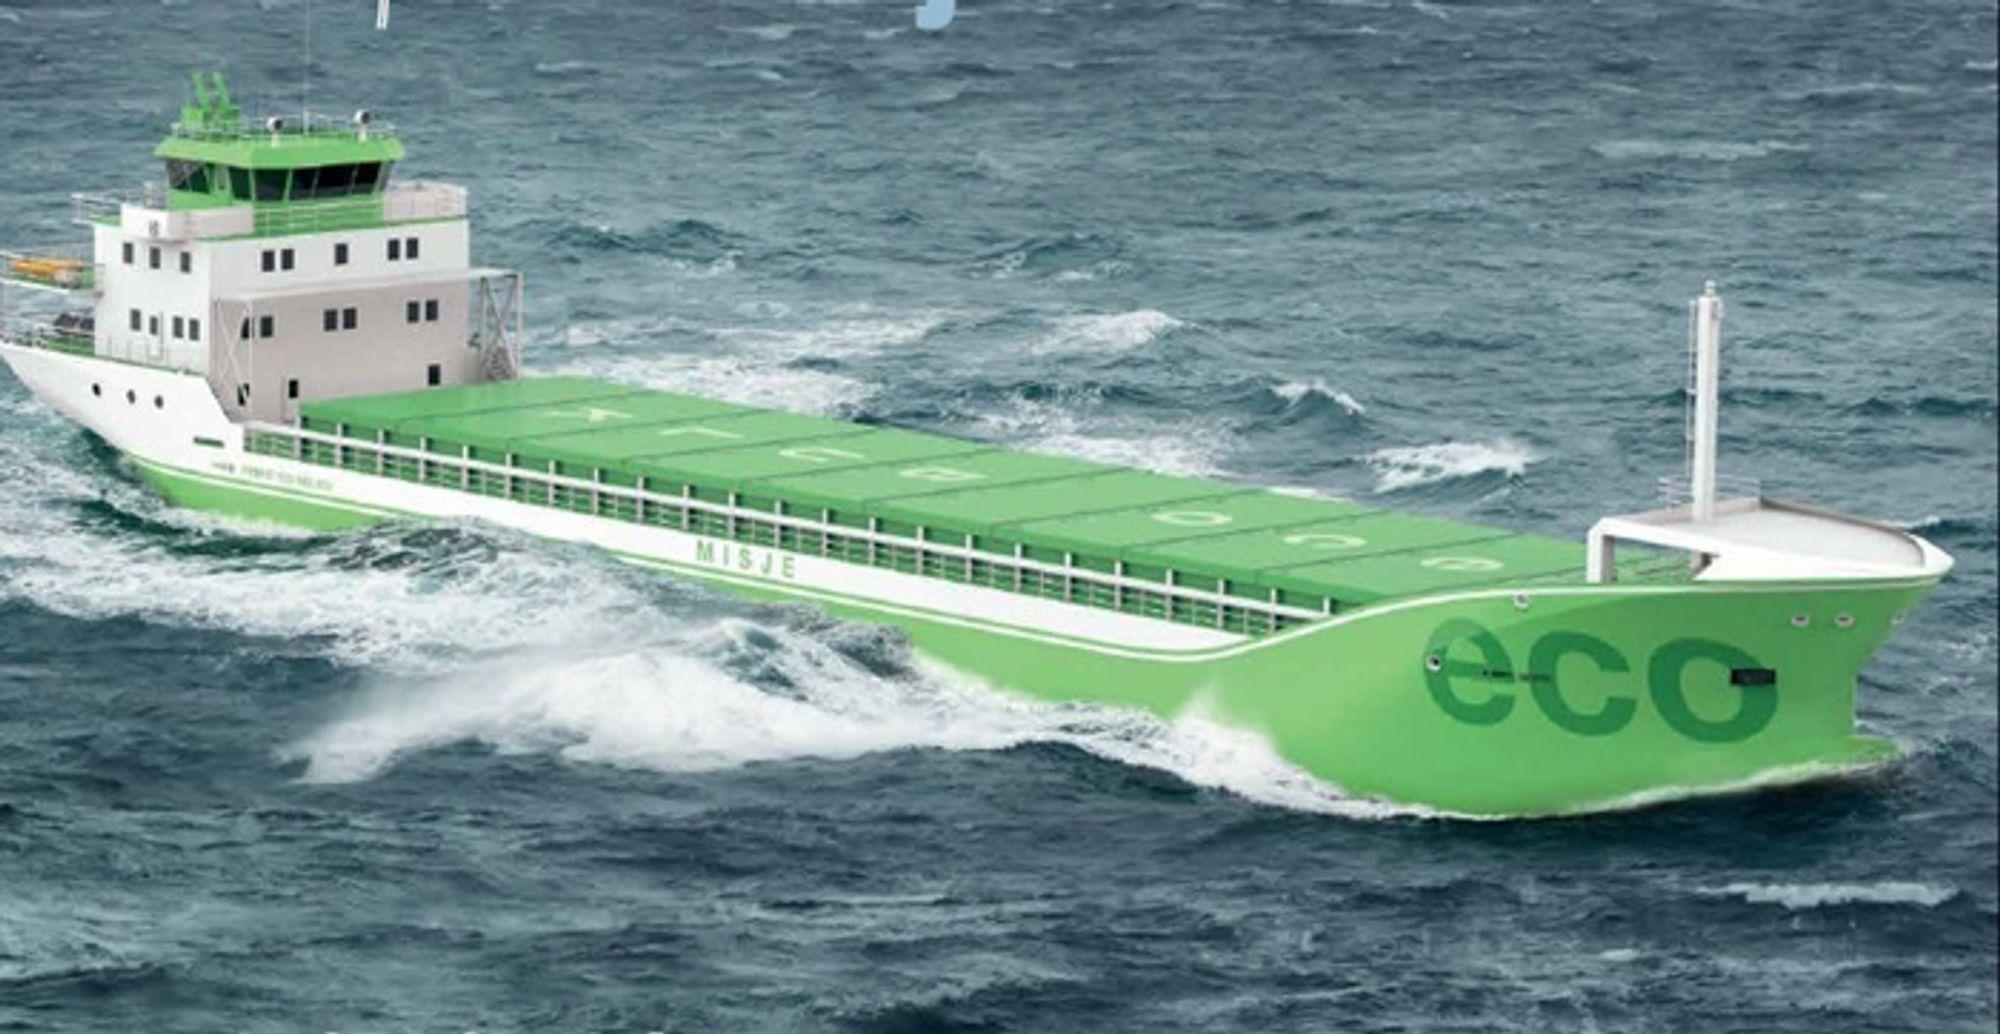 Misje Rederi skal bygge fem-seks nye skip med nesten 50 prosent lavere utslipp per tonn last sammenliknet med dagens flåte.